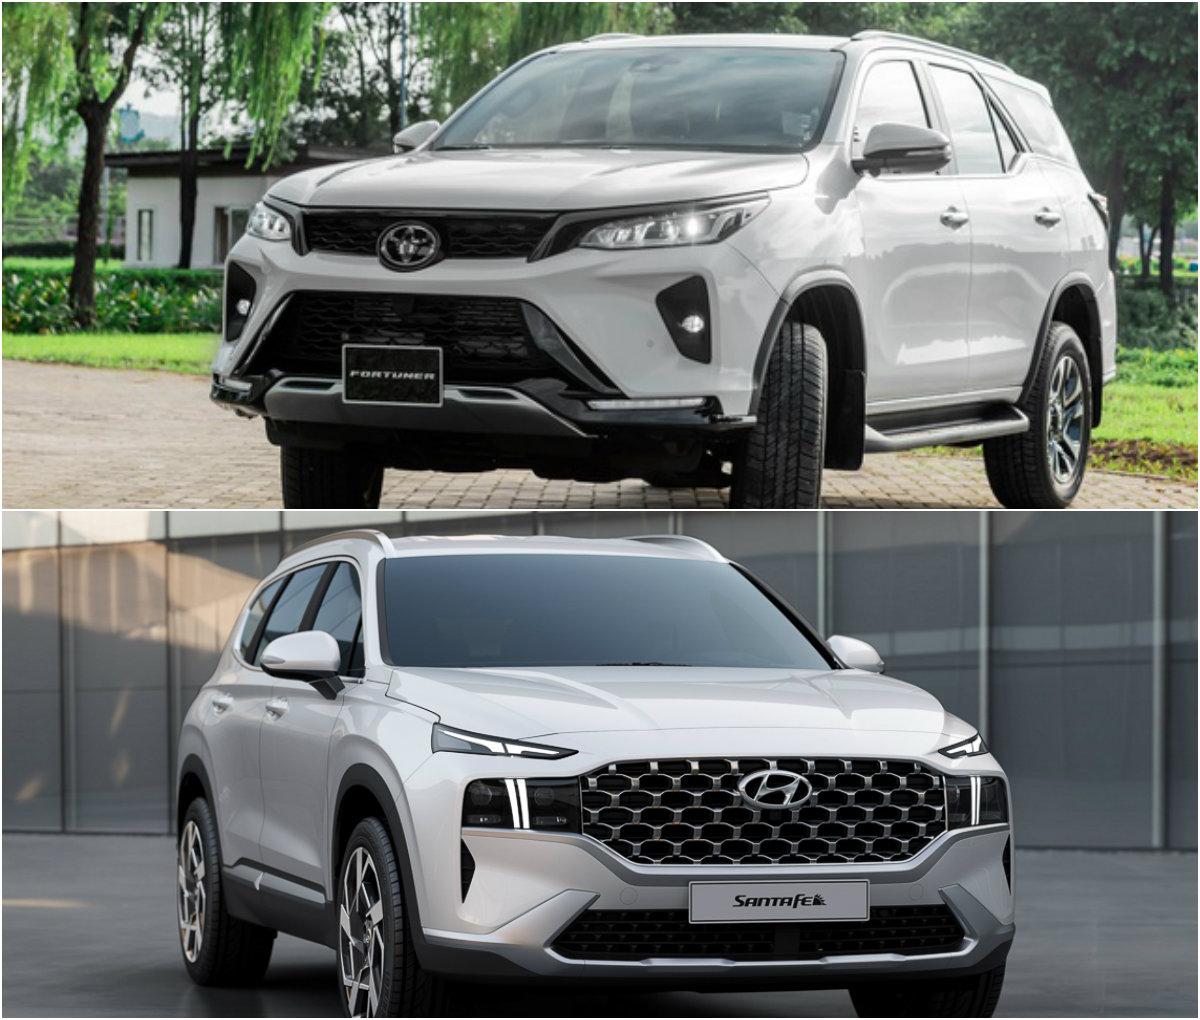 Không có sự chênh lệch nhiều về kích cỡ giữa Hyundai Santafe và Fortuner